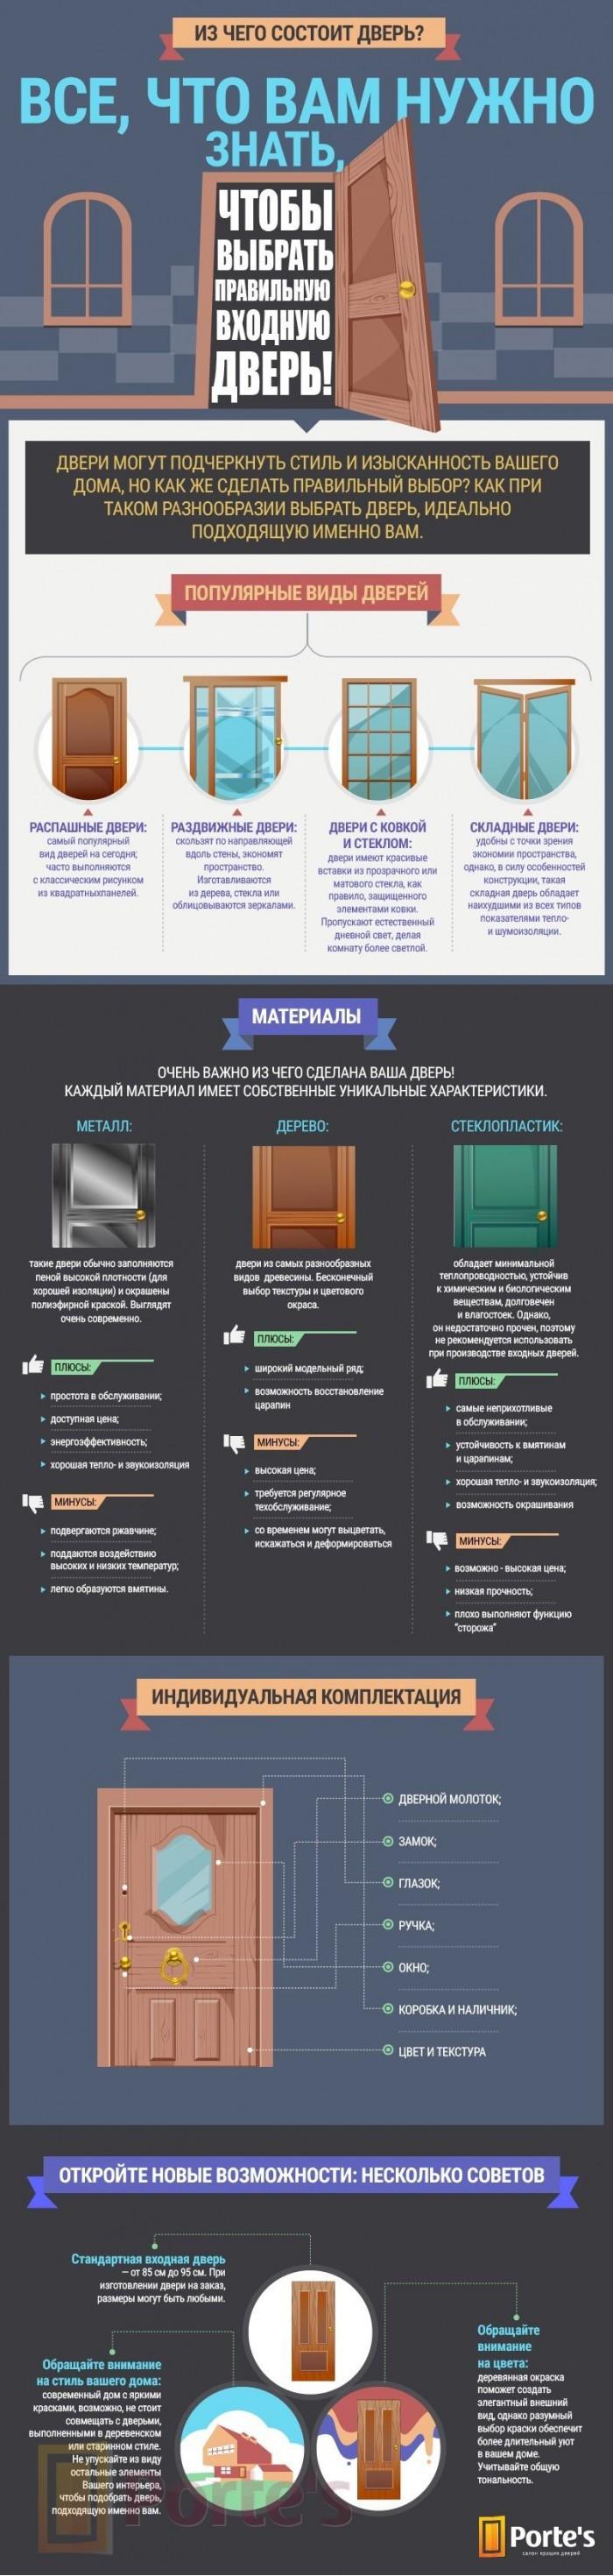 инфографика предоставлена сайтом https://portes.ua/